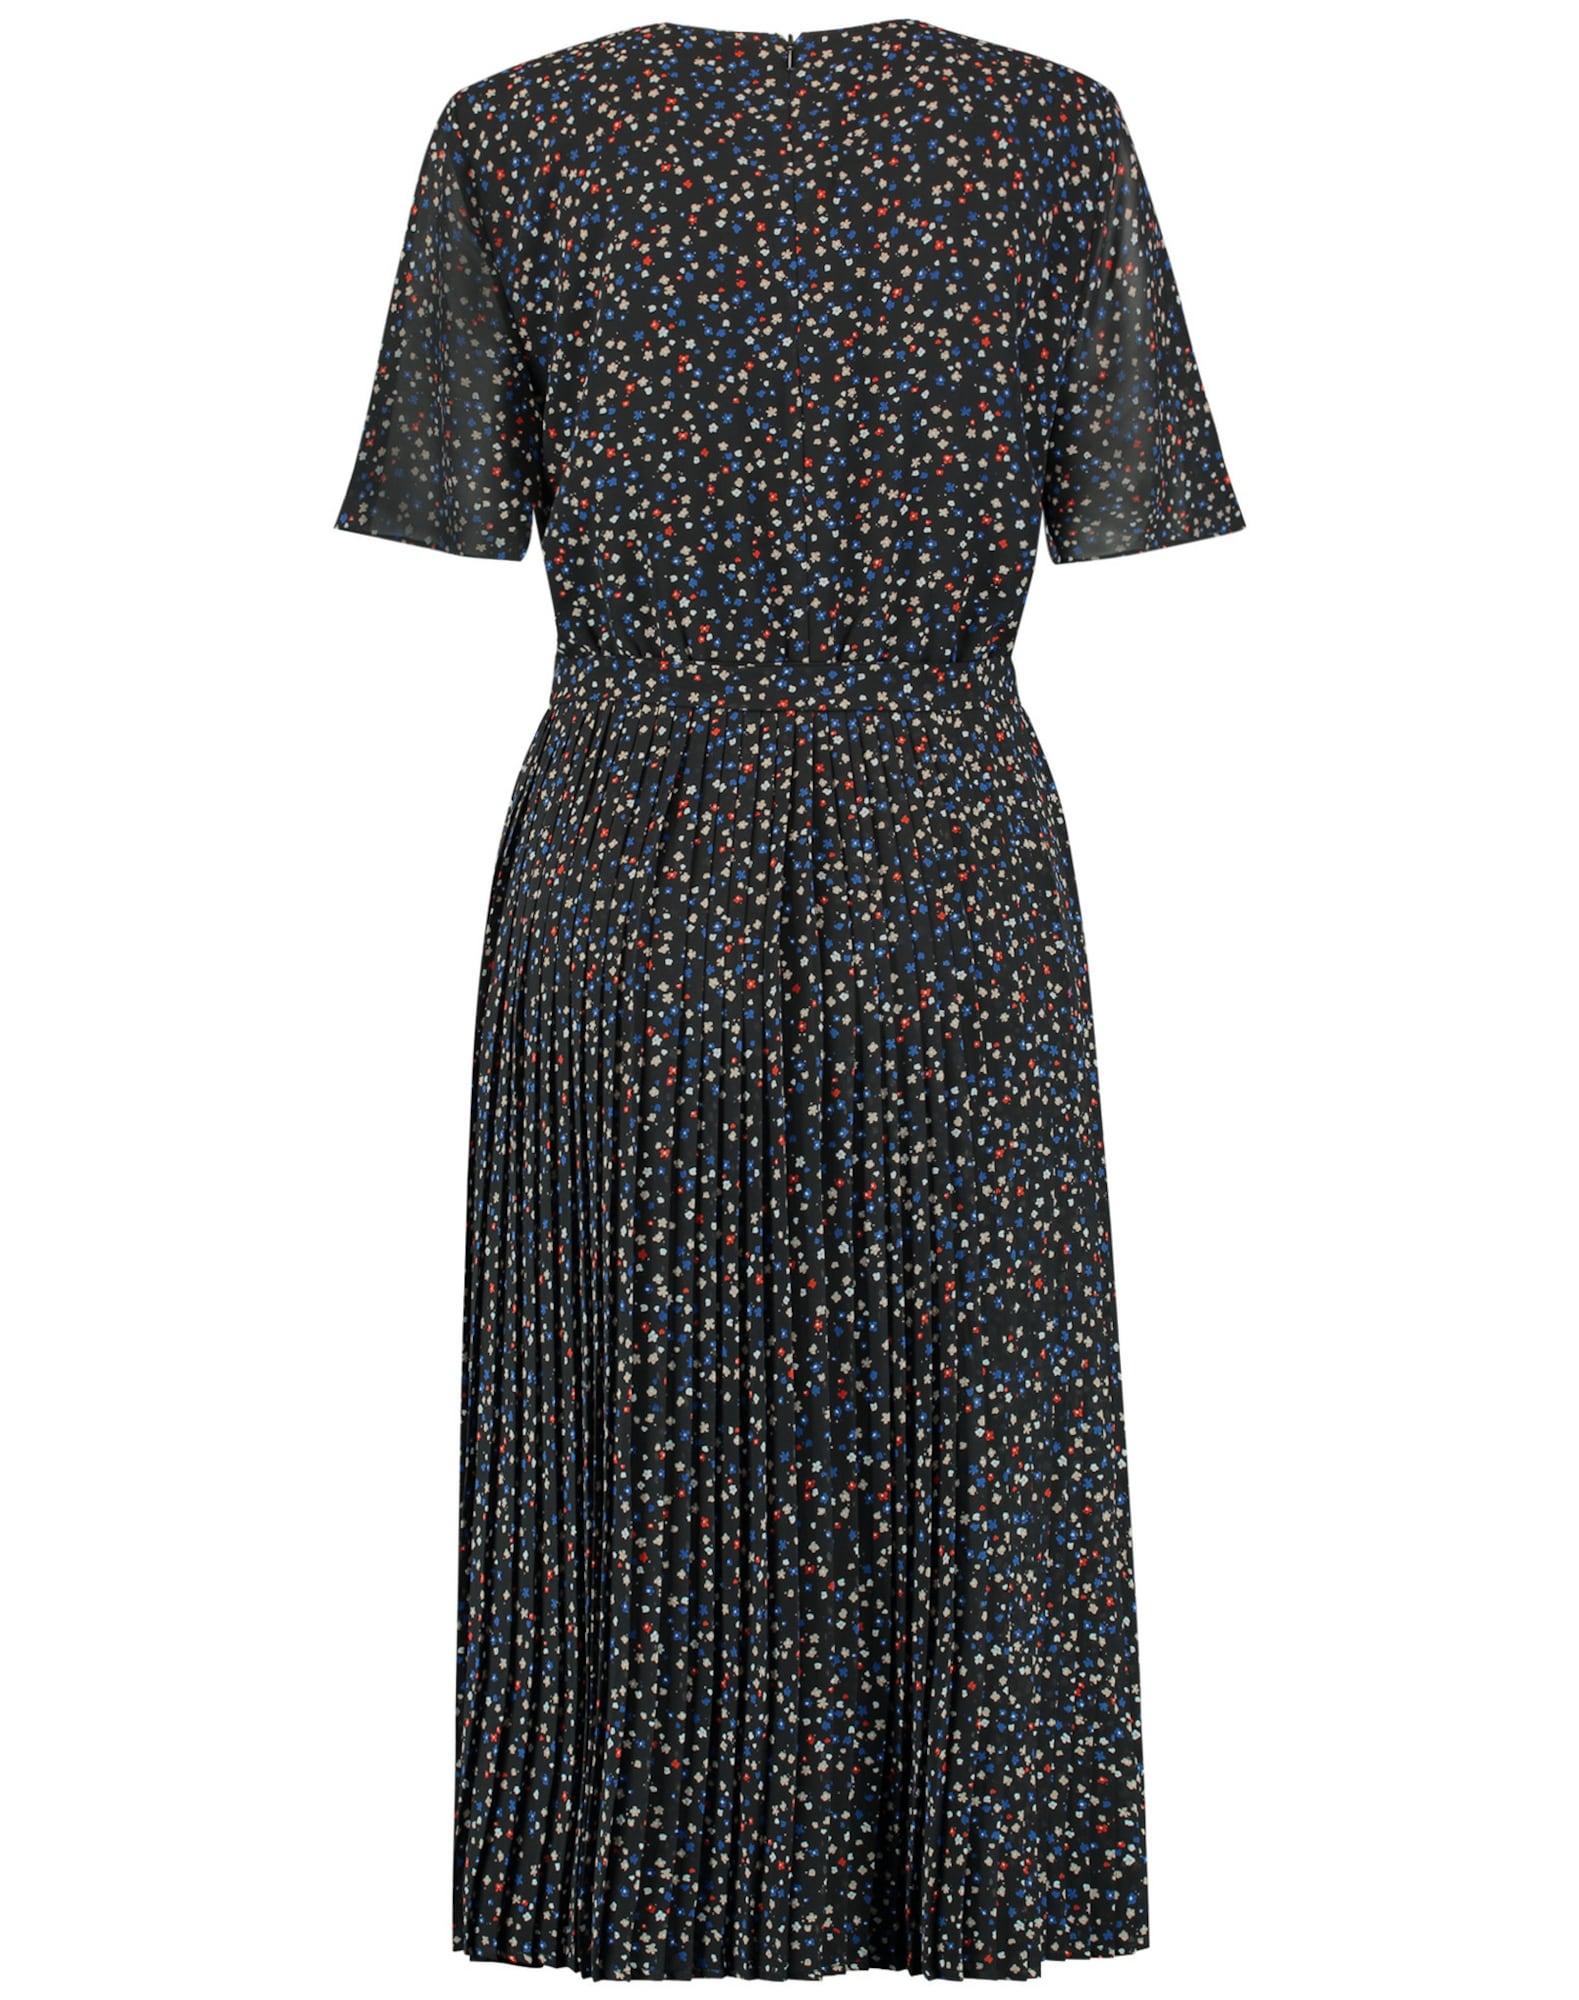 gerry weber - Kleid